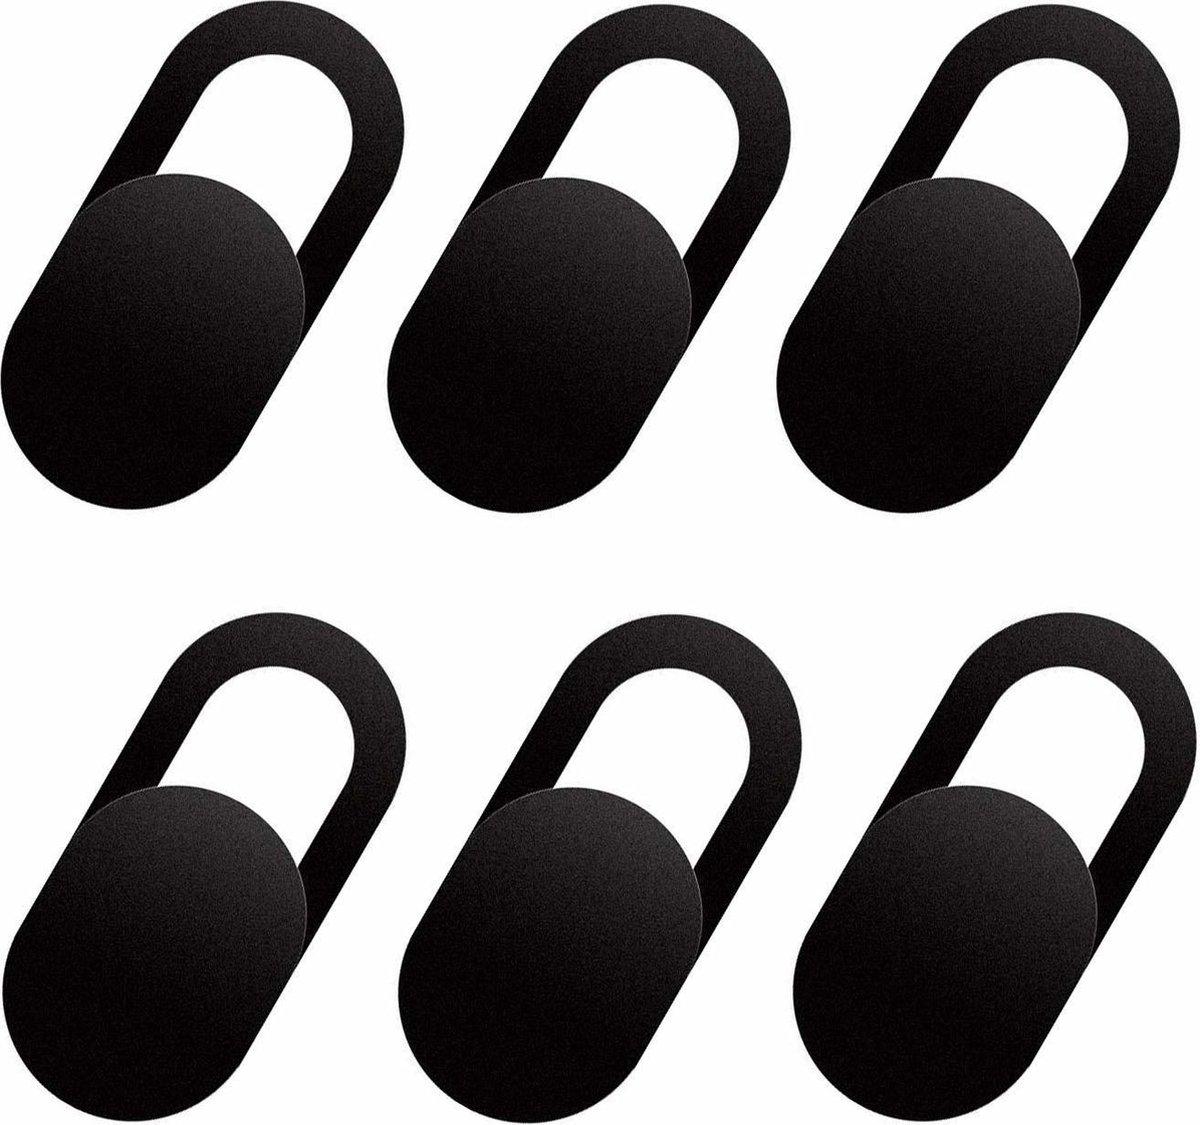 Universele Webcam Cover - Dun En Goedkoop - Geschikt voor Smartphones/Macbook/Ipad - Privacy Protect